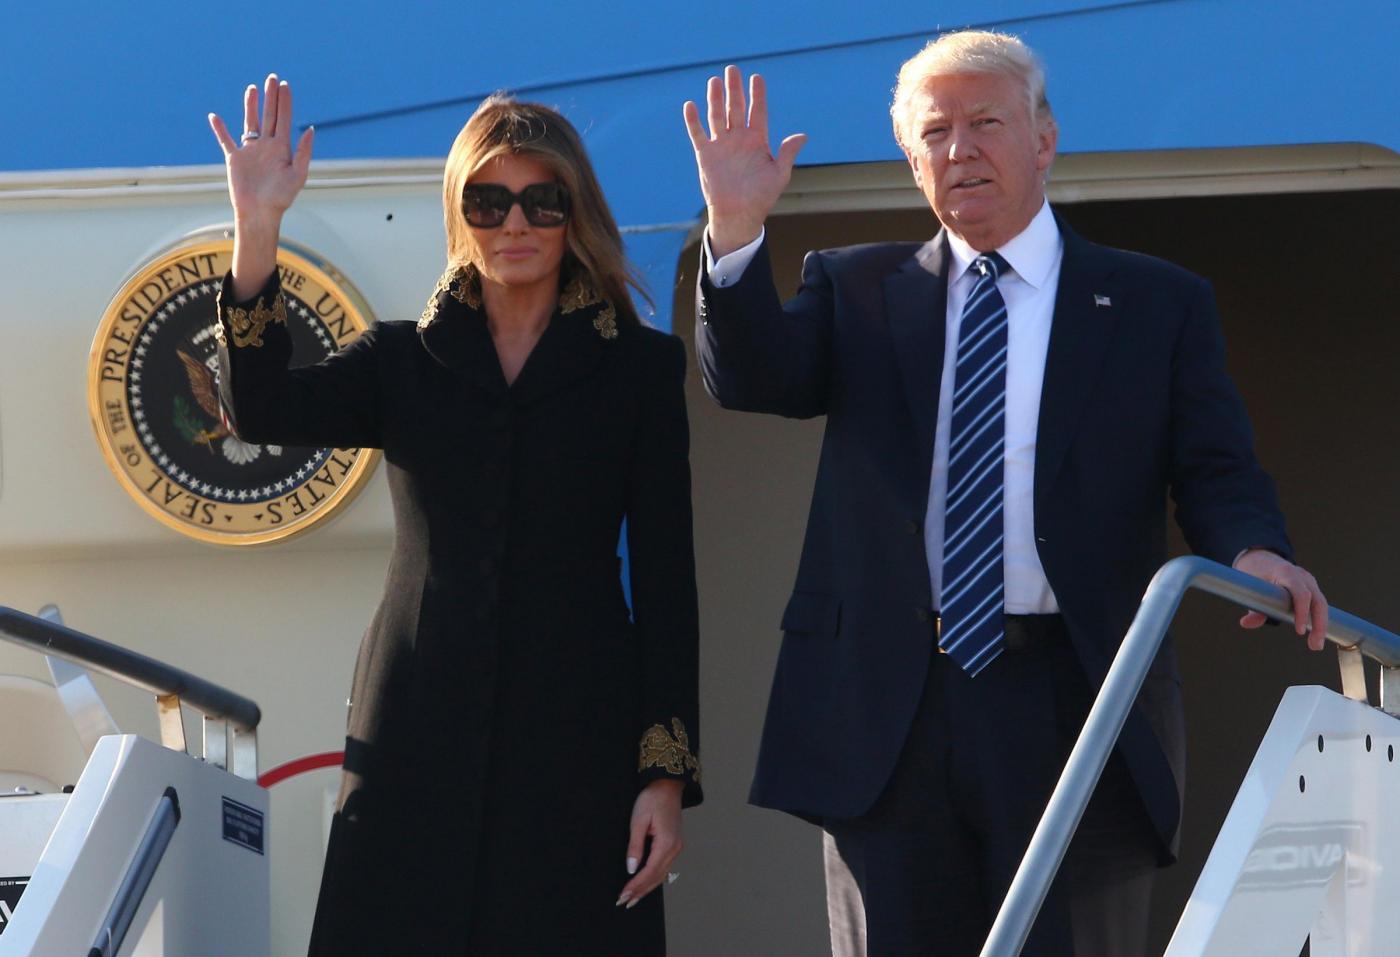 L'arrivo a Roma del Presidente Usa Trump